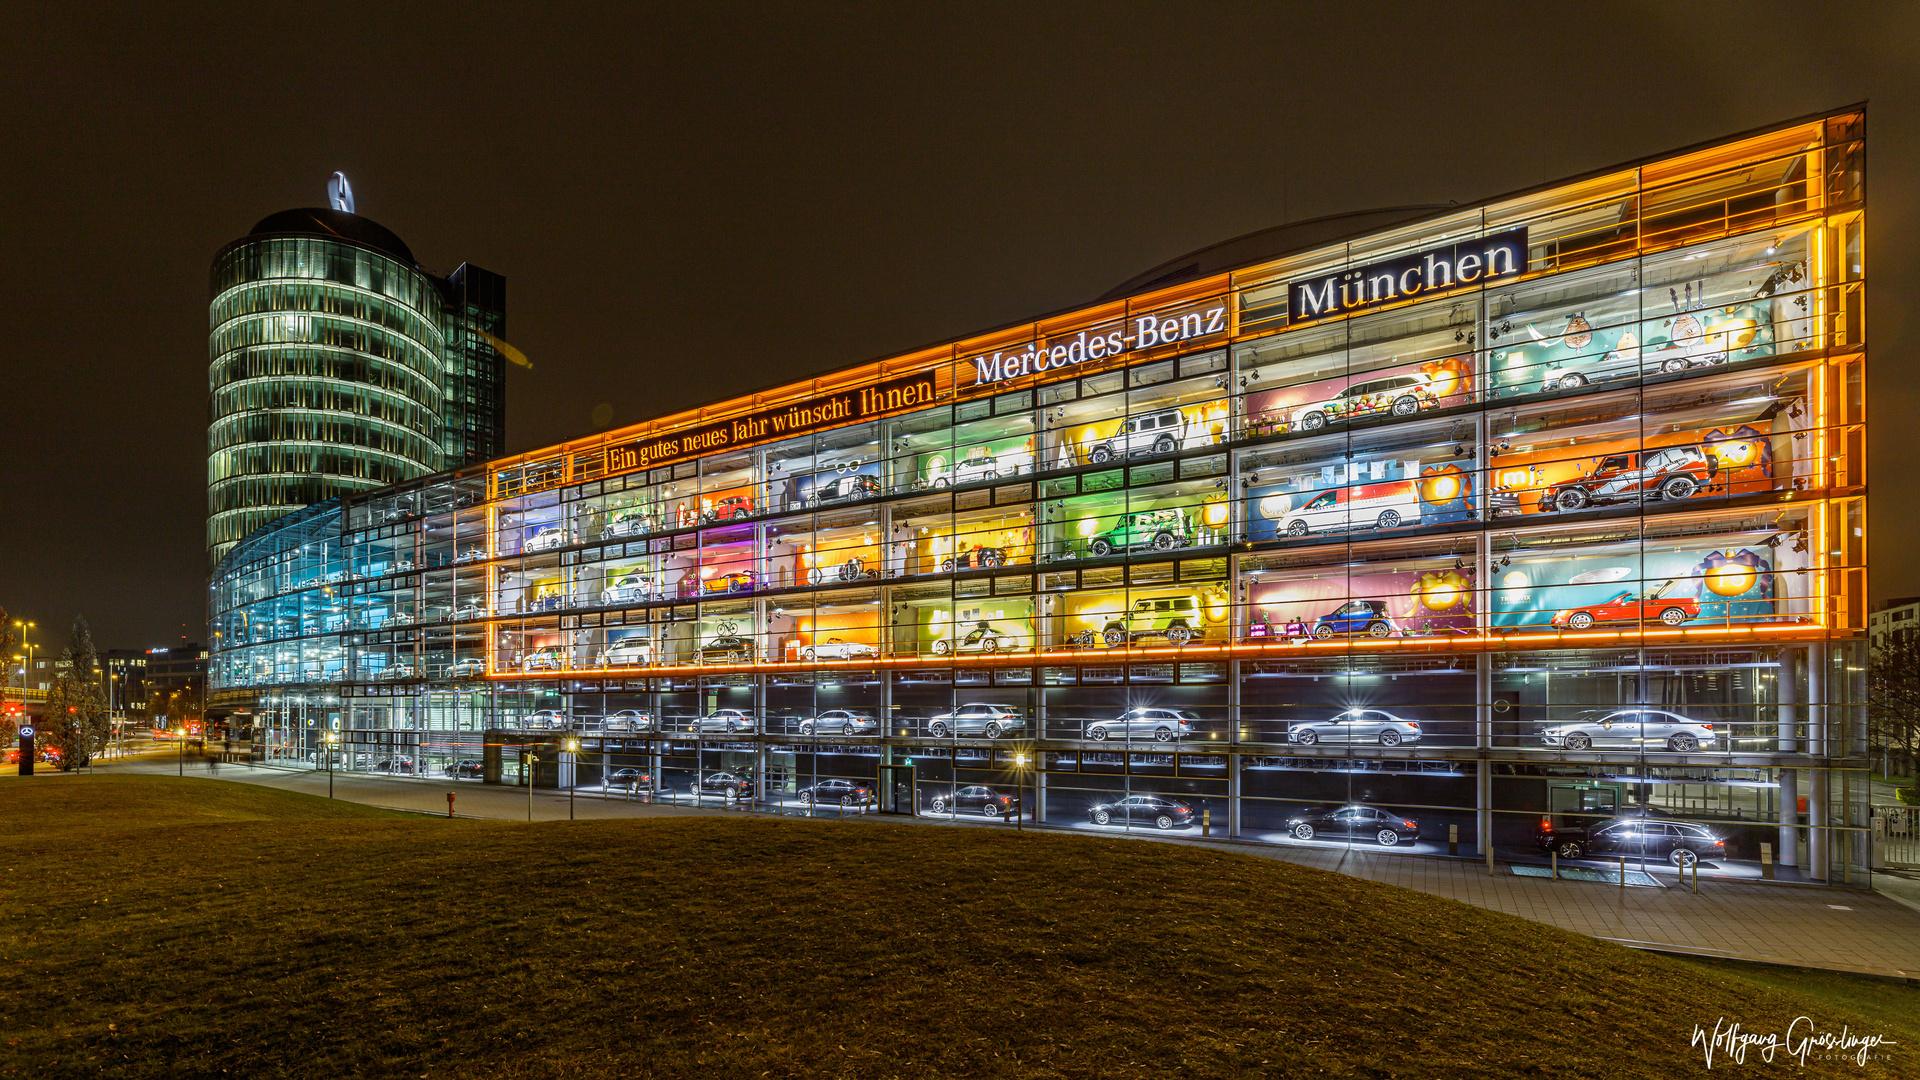 Der wohl grösste Advendskalender von München